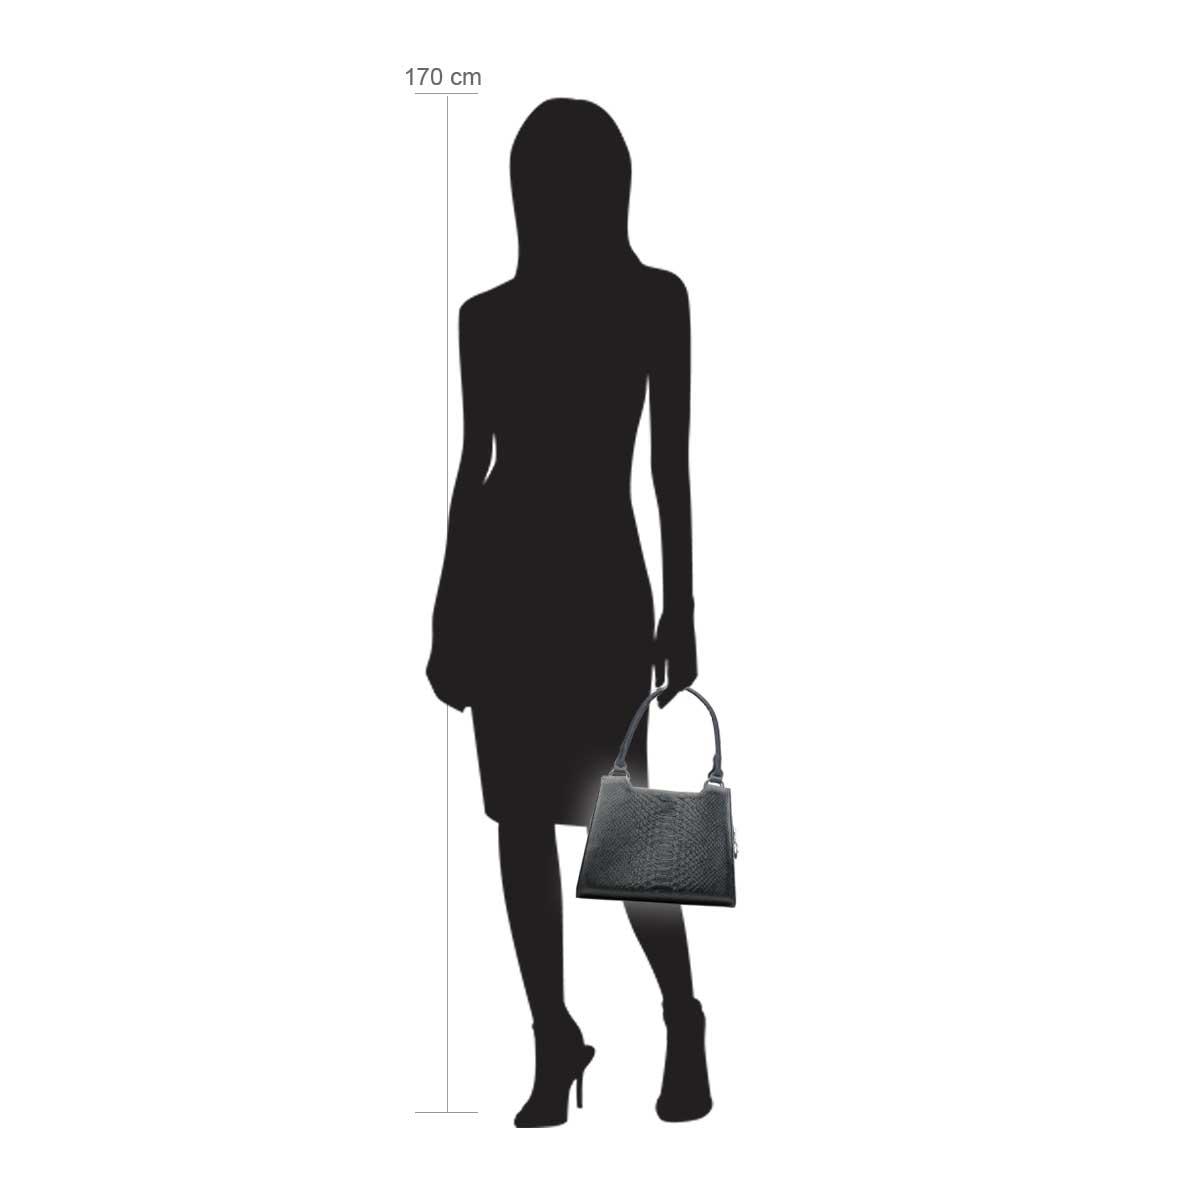 Modellpuppe 170 cm groß zeigt die Handtaschengröße an der Person Modell:Borneo